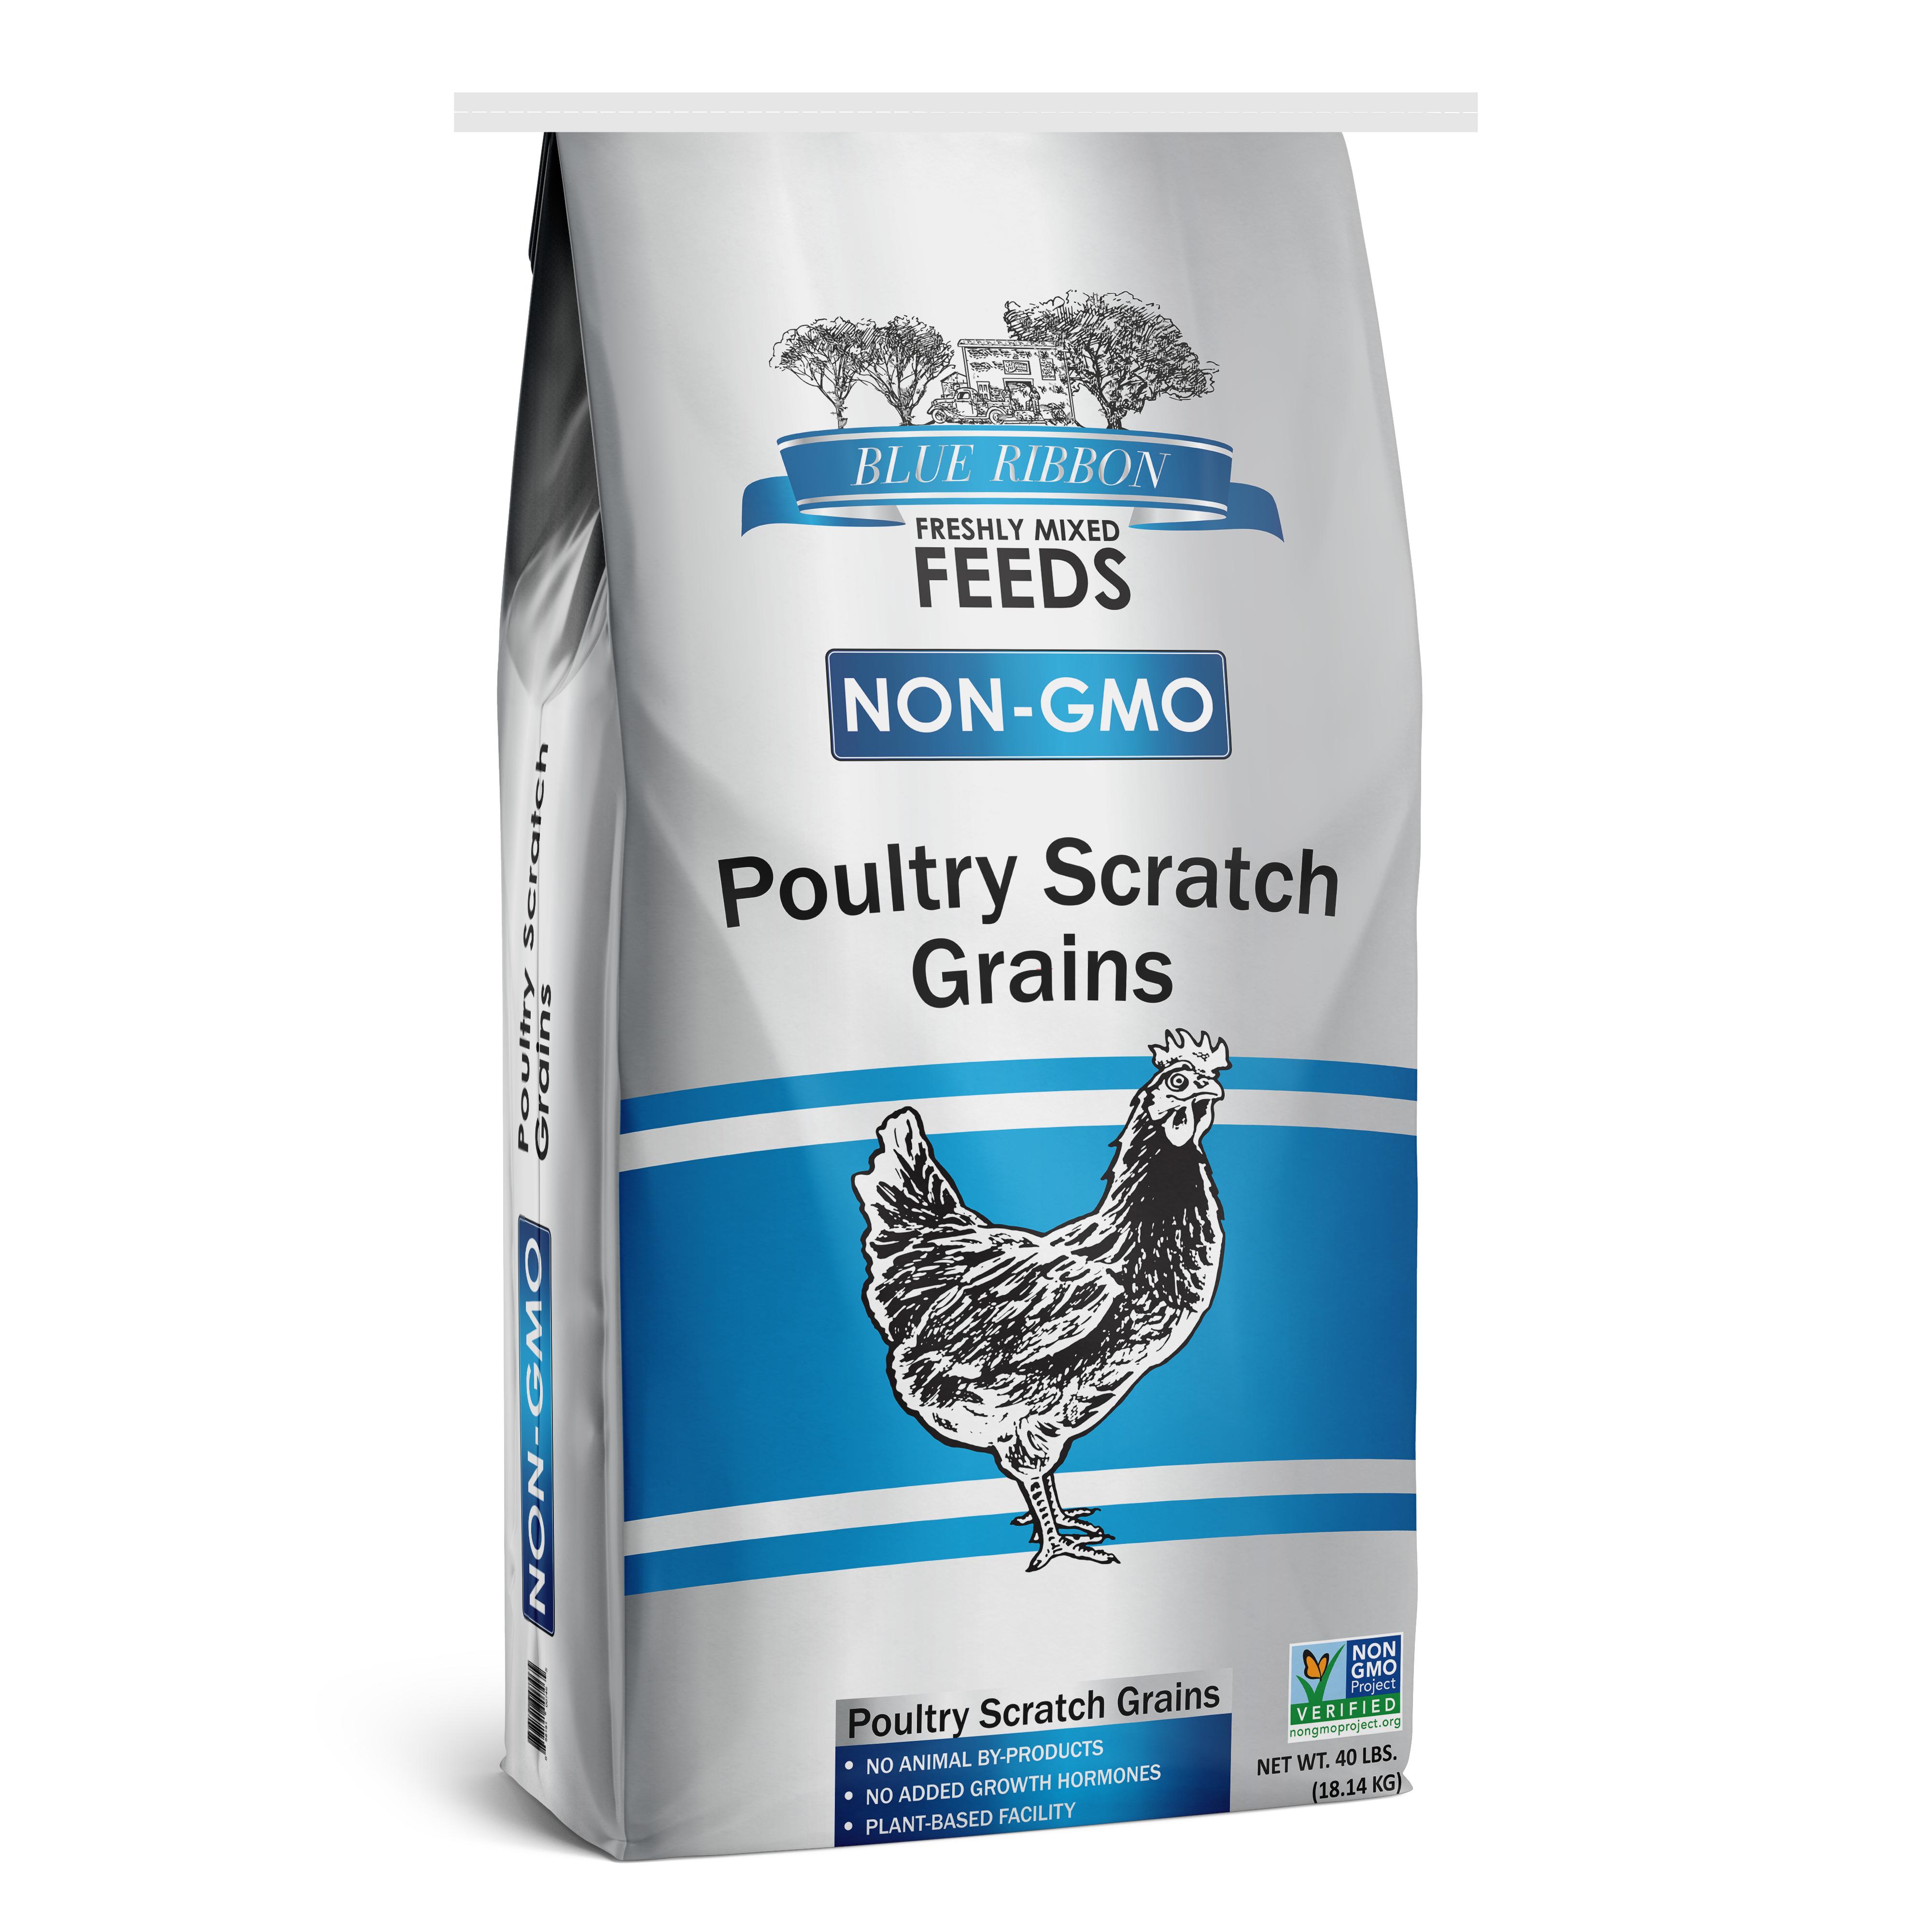 NBO 40lb Poultry Scratch Mockup min-01